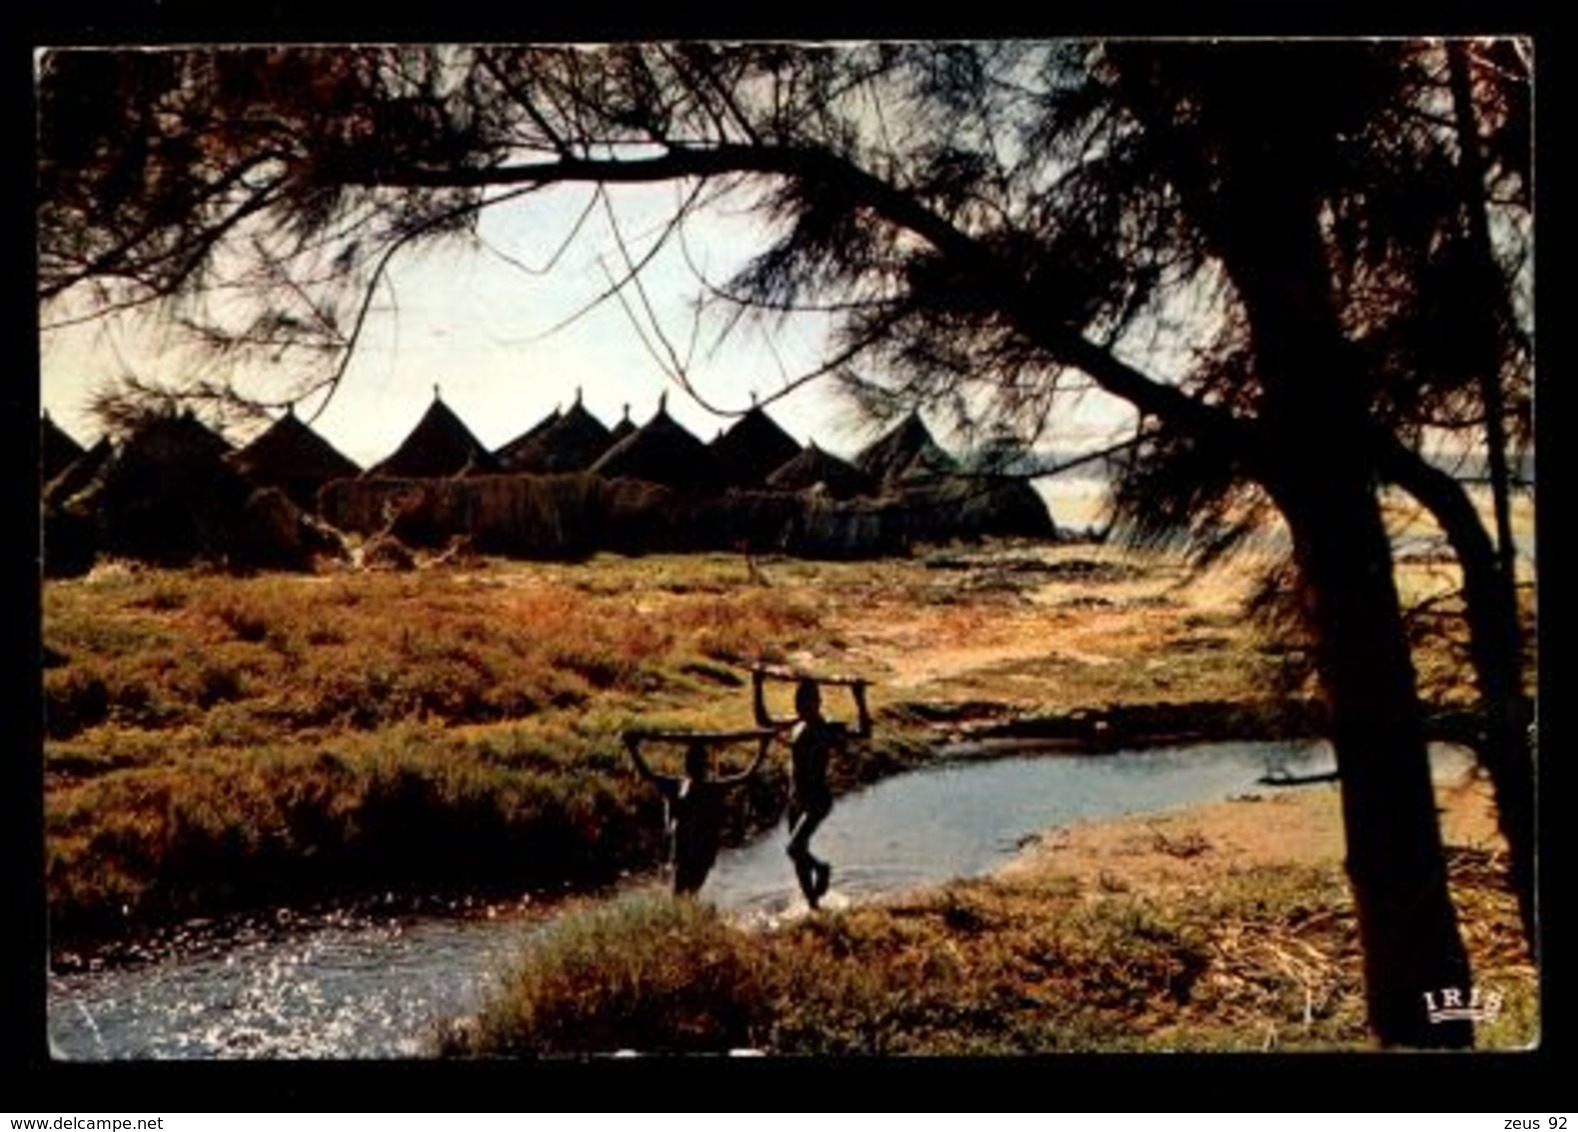 C418 CÔTE D'IVOIRE IVORY COAST - FOLKLORE ETHNICS PEOPLE COSTUMES - VILLAGE AFRICAIN CHILDREN BRINGING WATER 1966 - Côte-d'Ivoire